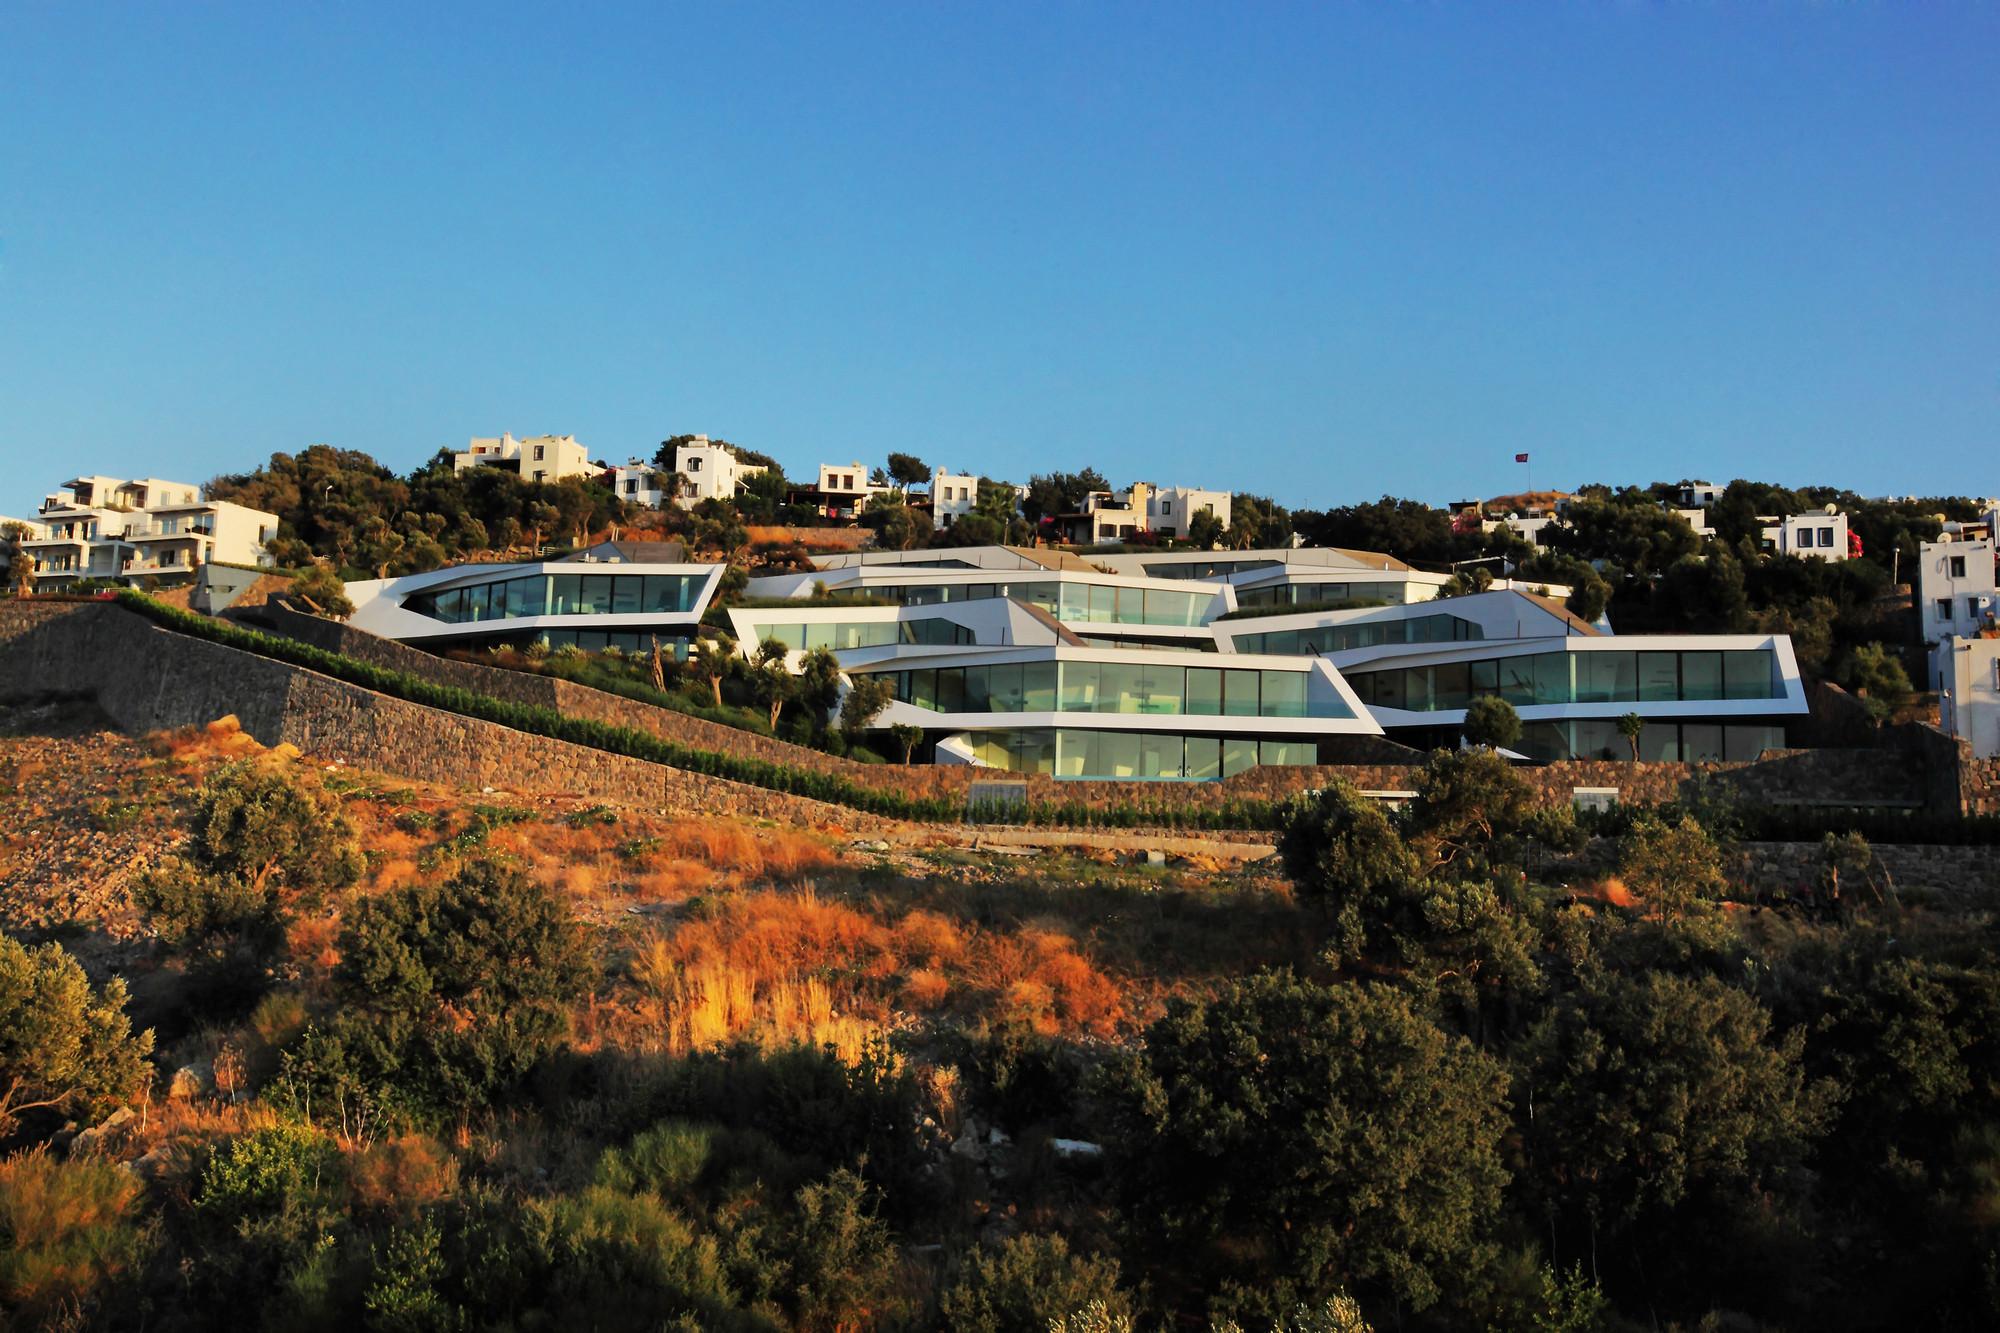 Hebil 157 Houses / Aytac Architects, Courtesy of Aytac Architects